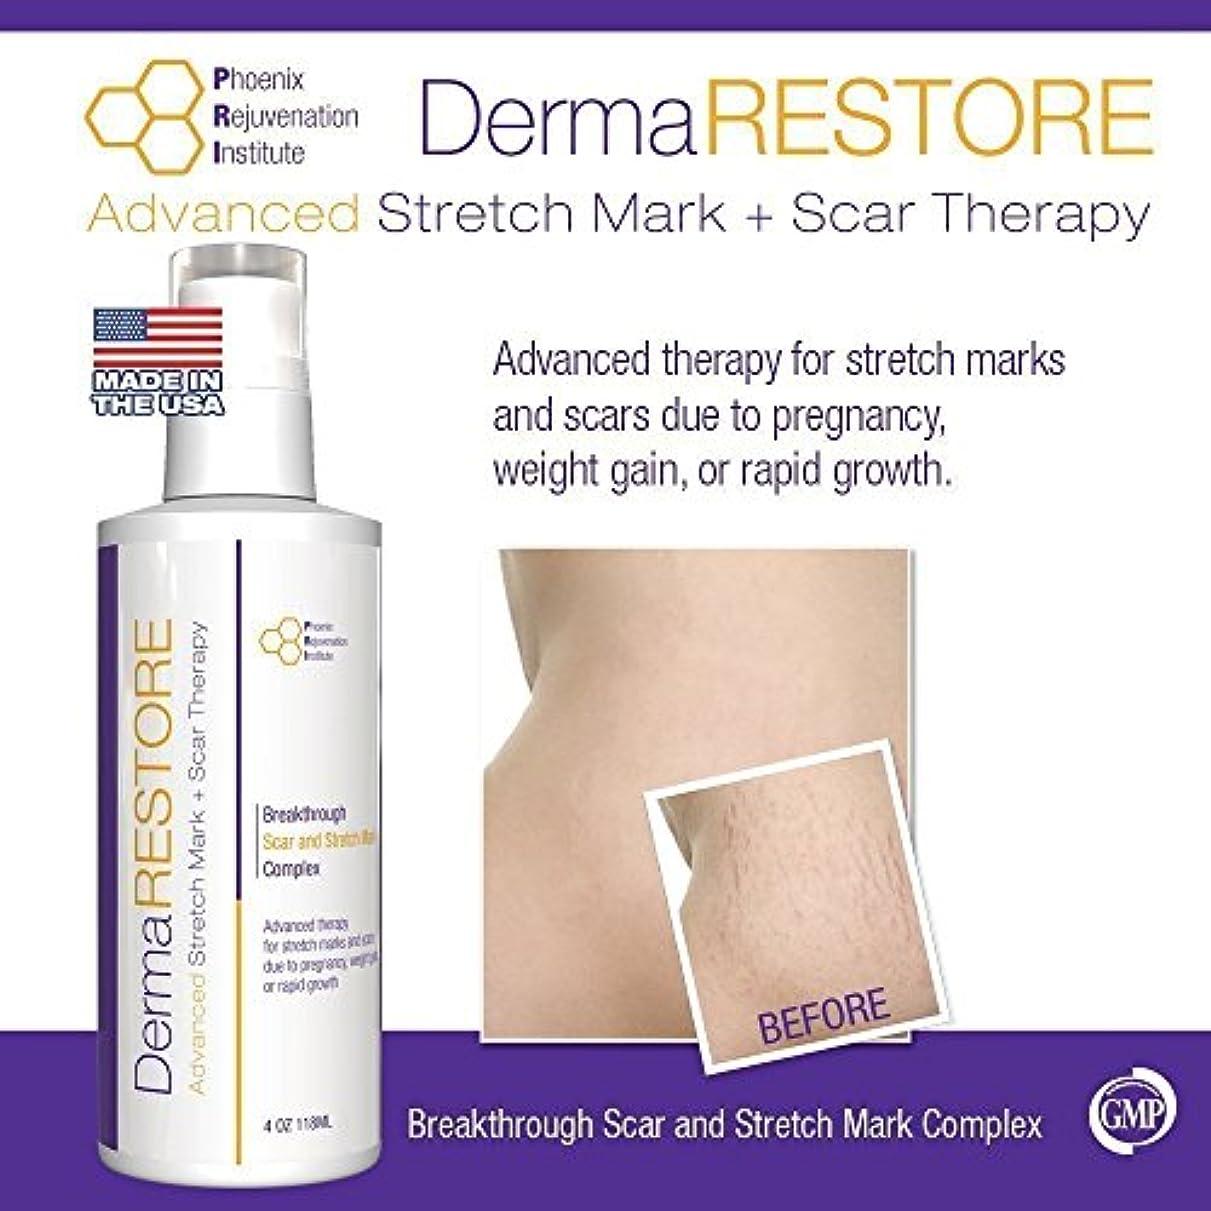 マウント心配するせがむストレッチマーククリーム 118ml DermaRESTORE - Stretch Mark and Scar Treatment4oz 【並行輸入品】